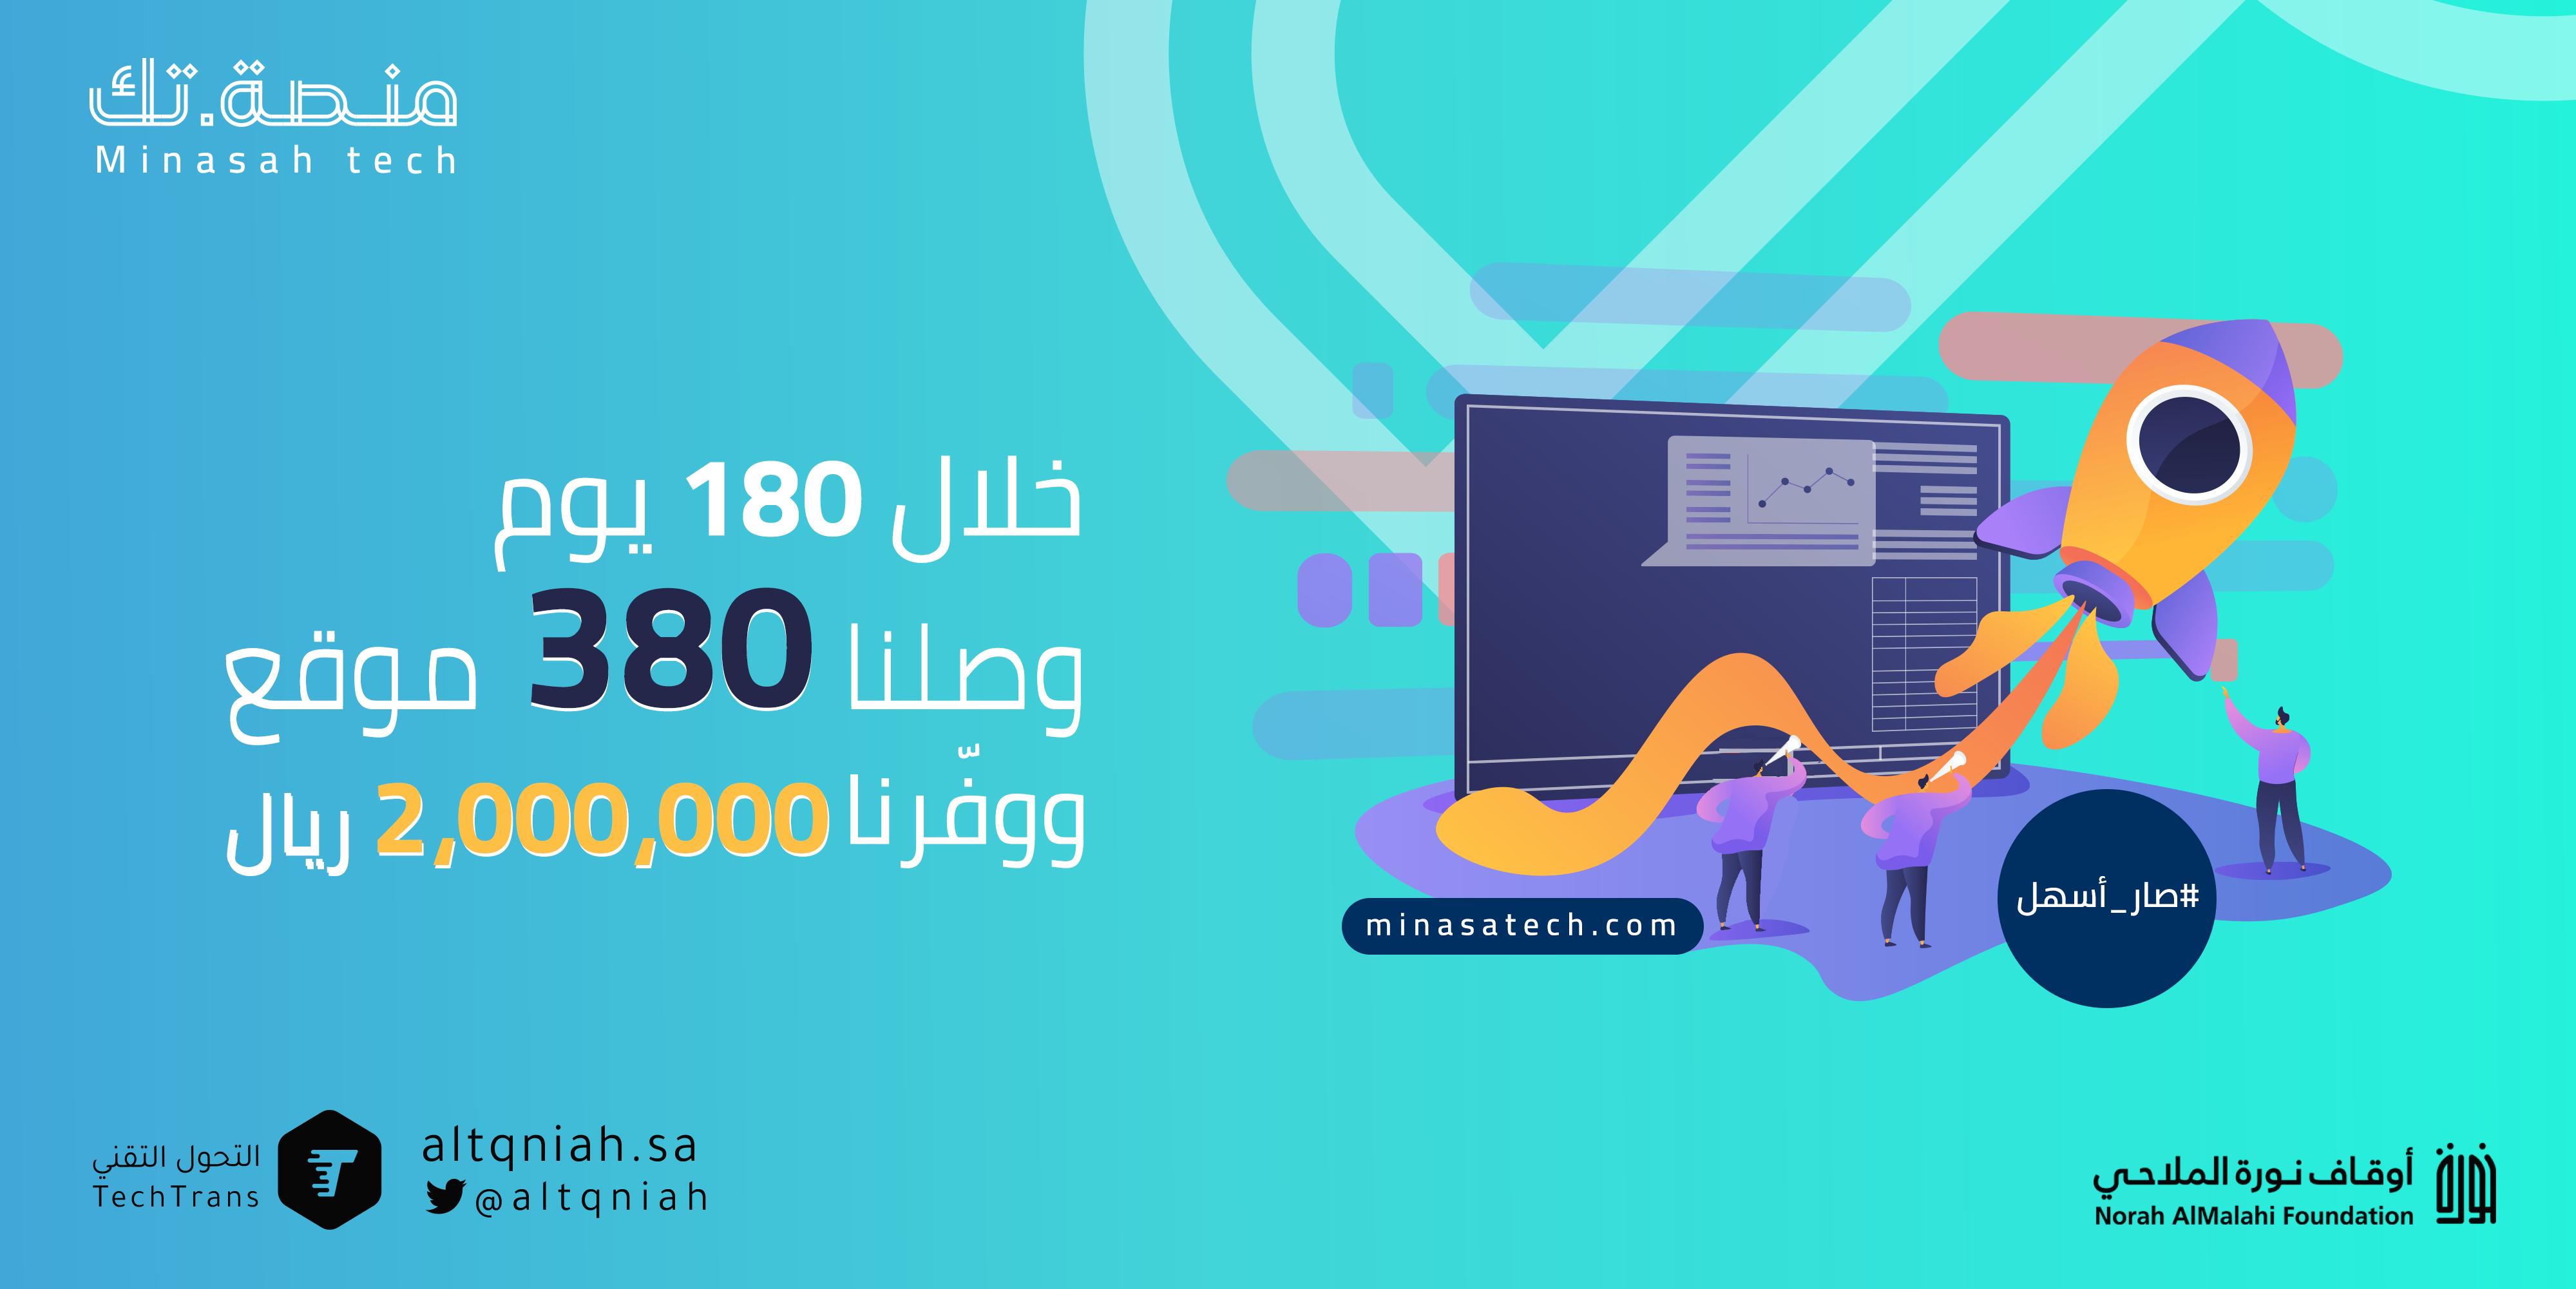 منصة تك الرقمية تصل إلى 380 موقع الكتروني في 180 يوم